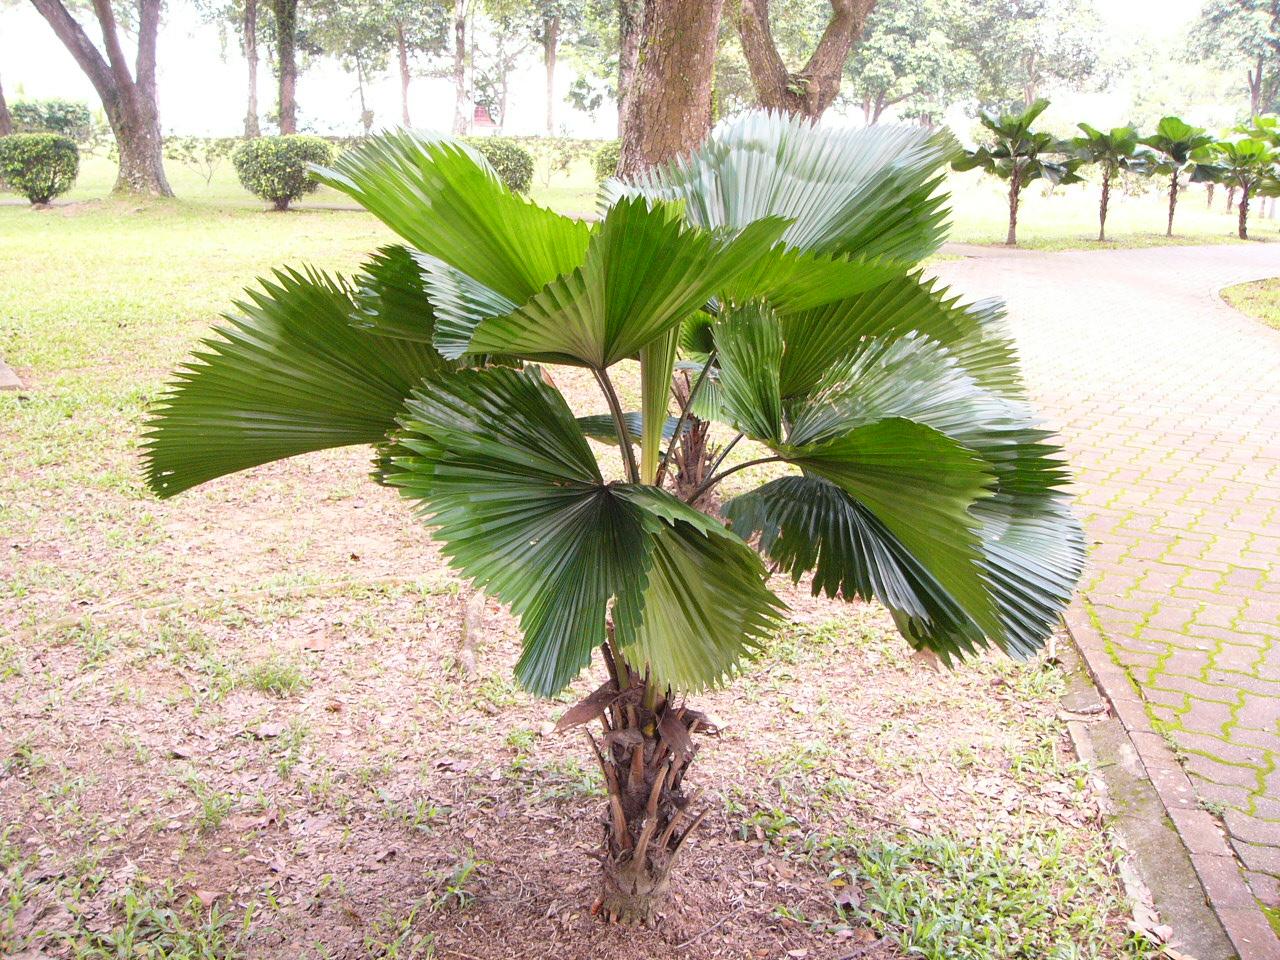 Licuala-grandis-palmeira-leque